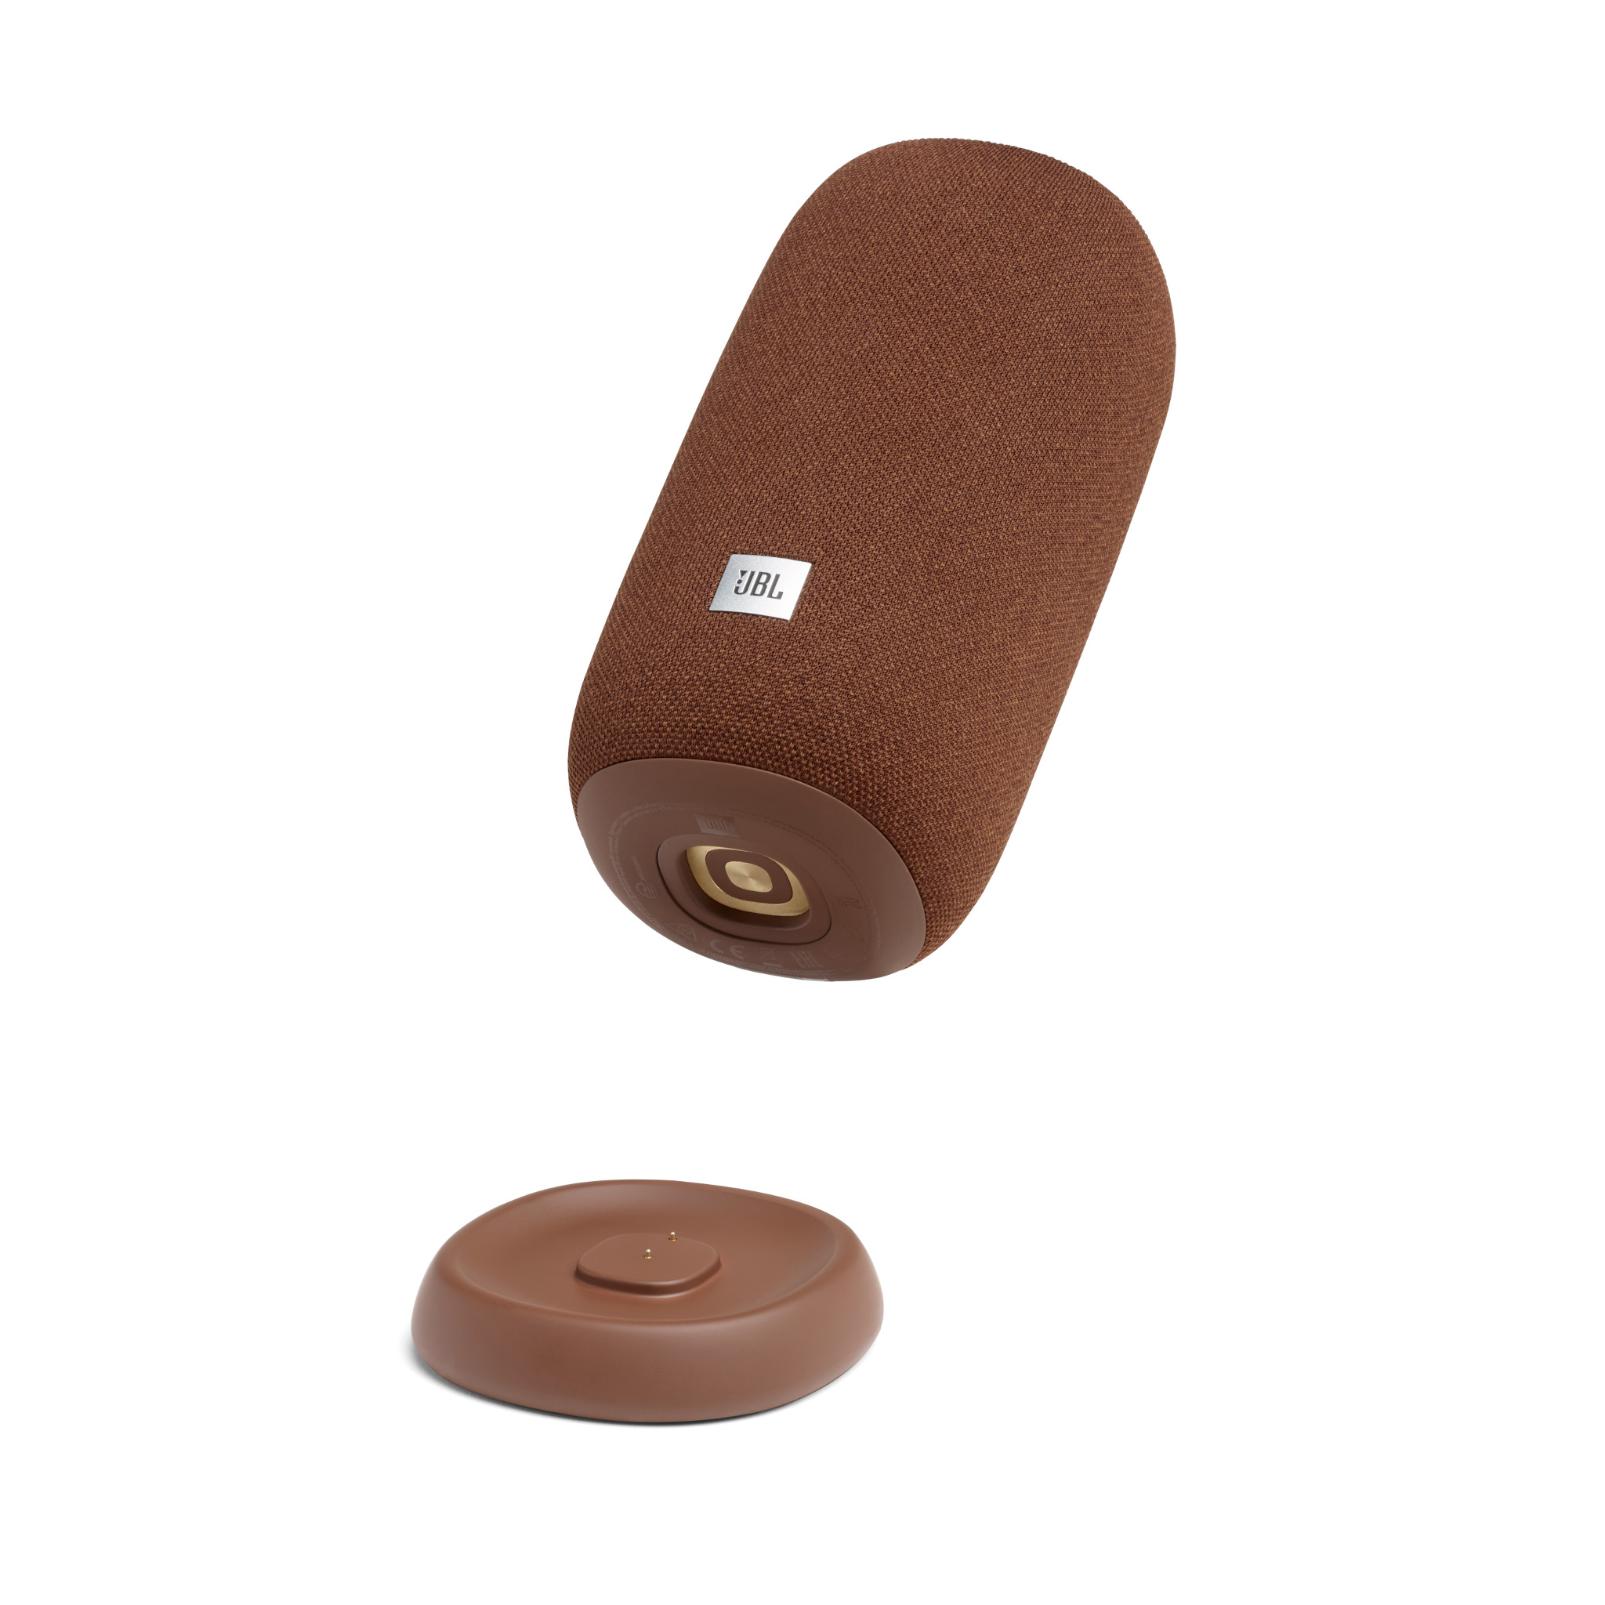 JBL Link Portable - Brown - Portable Wi-Fi Speaker - Detailshot 1